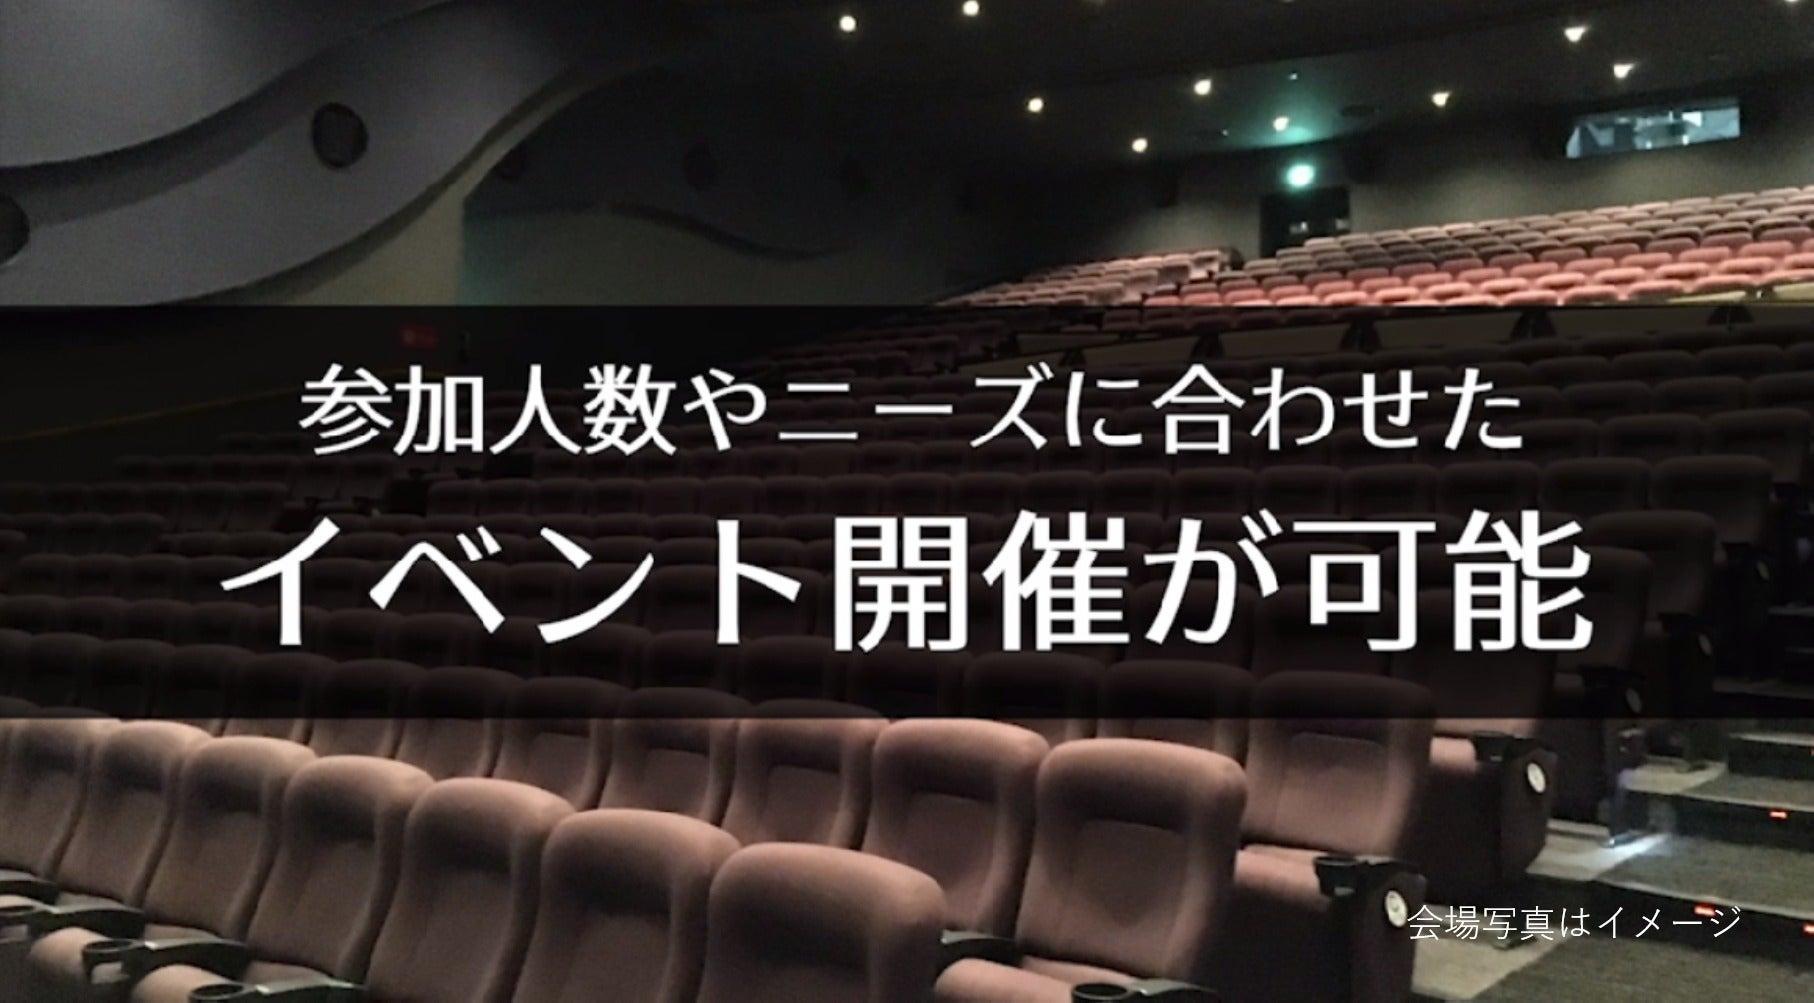 【新座 464席】映画館で、会社説明会、株主総会、講演会の企画はいかがですか?(ユナイテッド・シネマ新座) の写真0